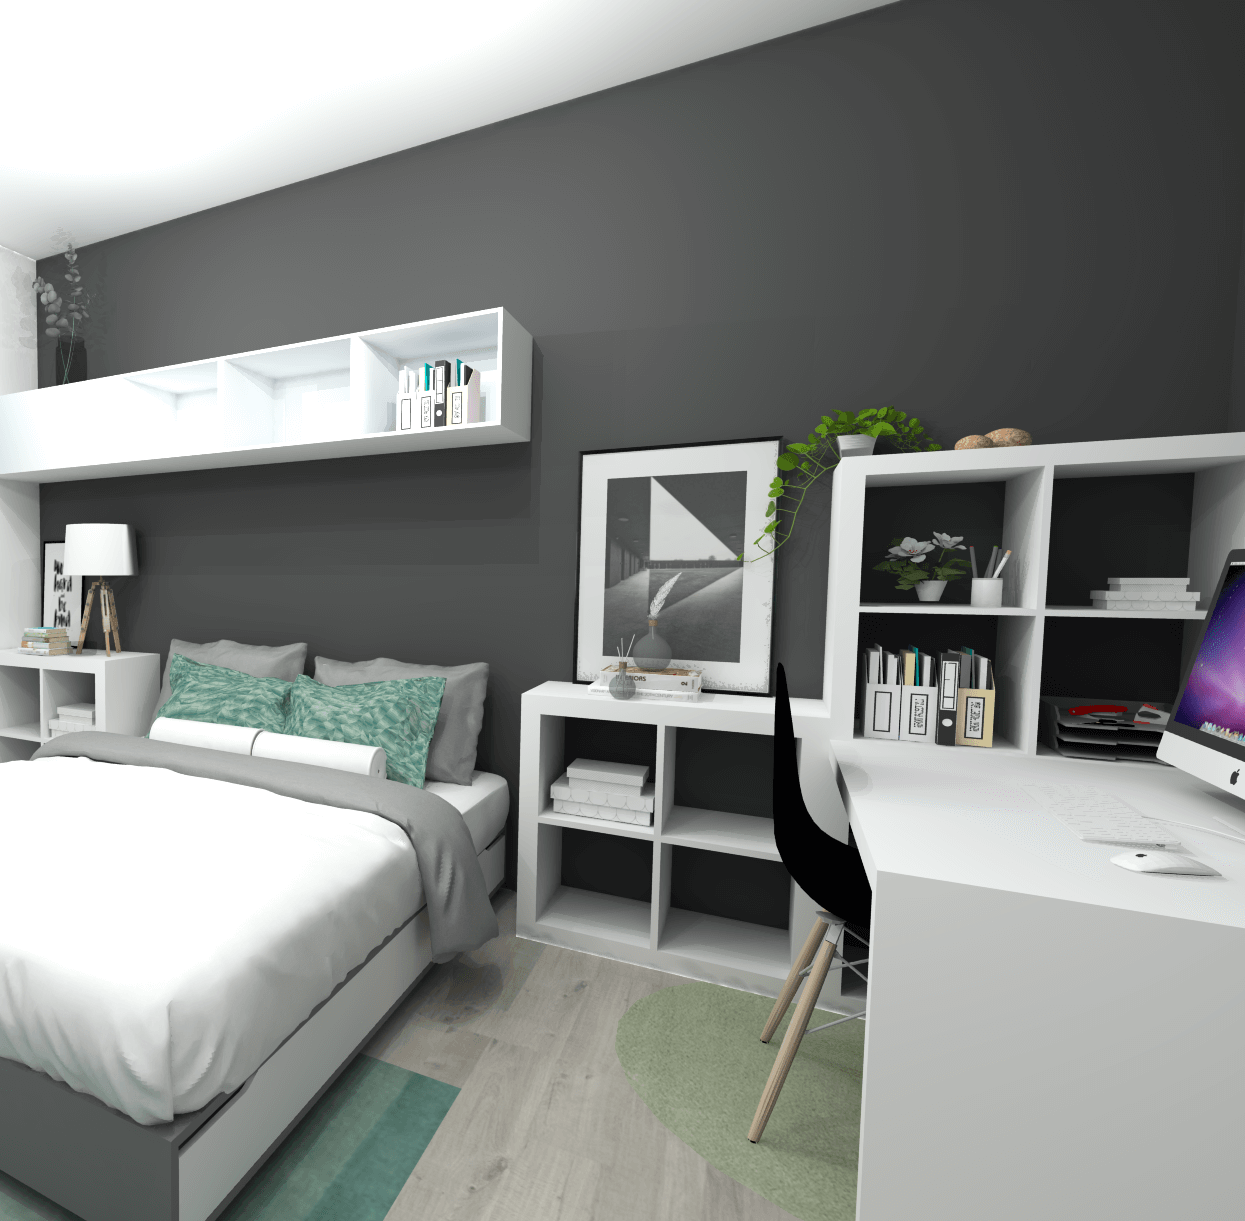 Décoration et aménagement de chambres   e-interiorconcept